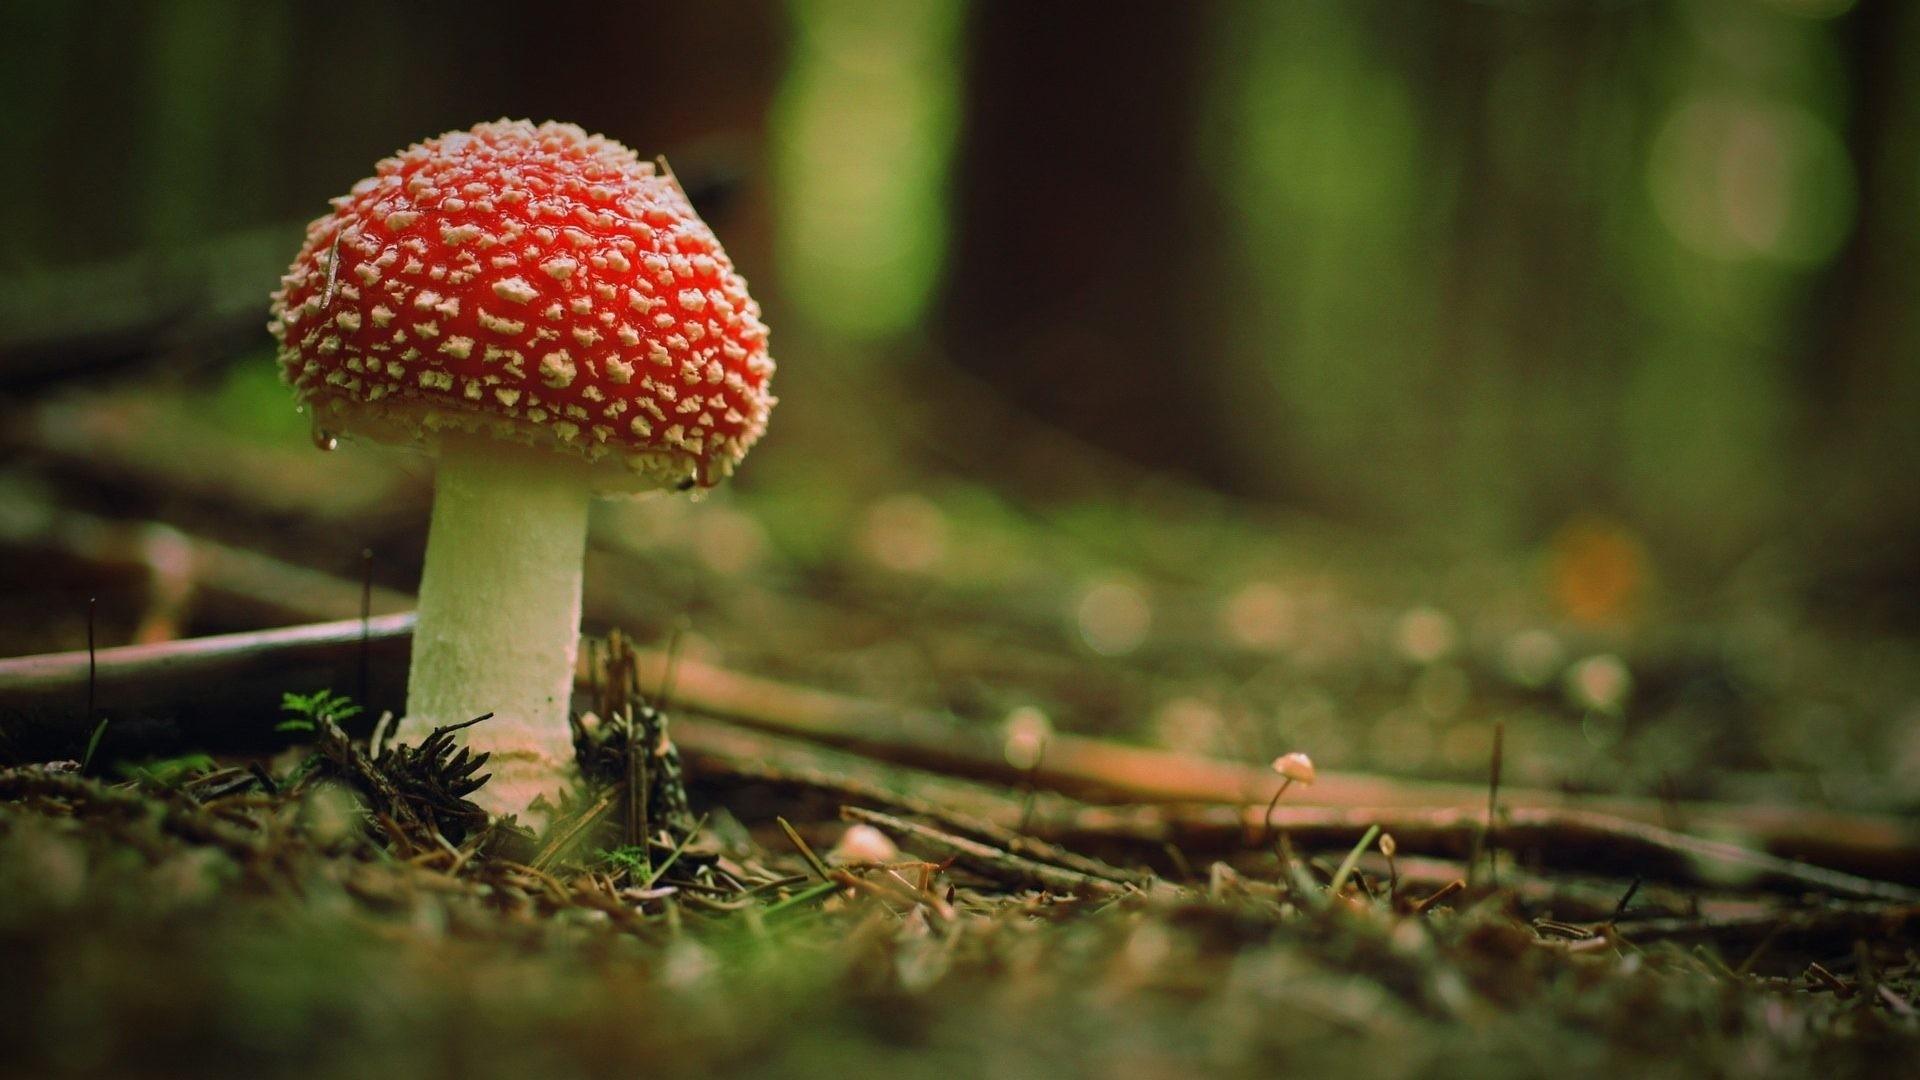 Mushroom Background